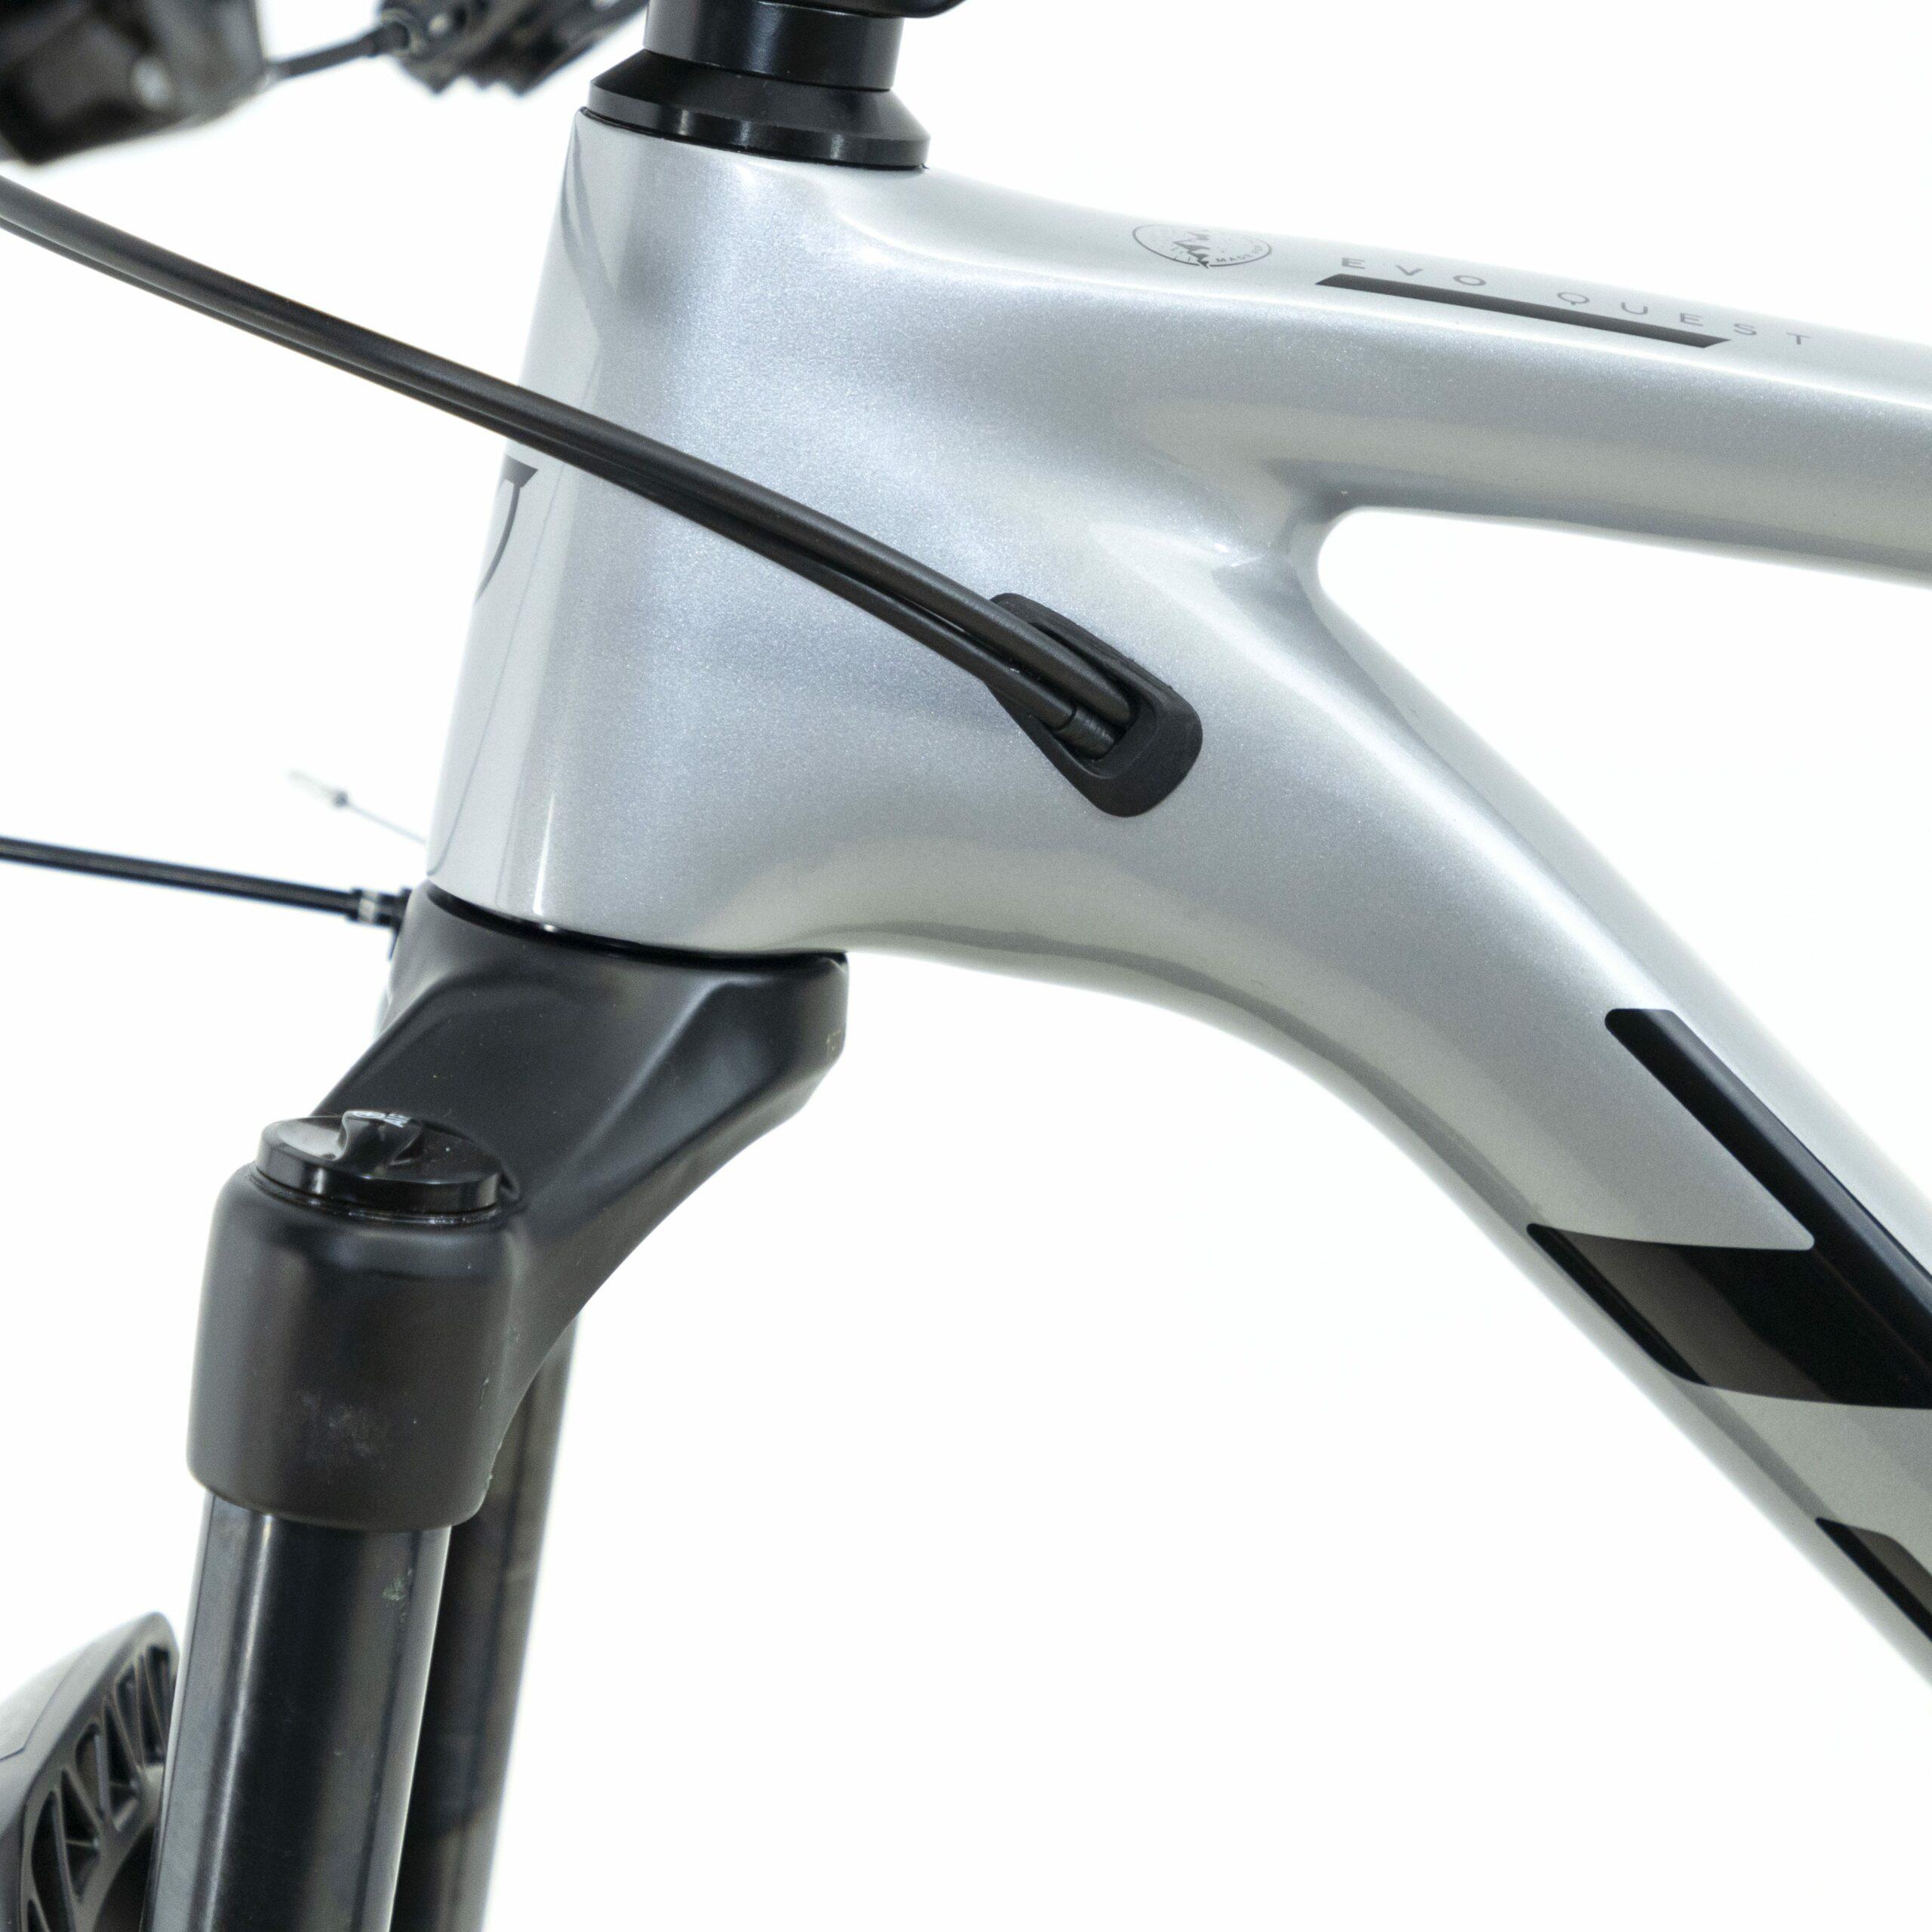 Bicicleta TSW Evo Quest   Advanced-Recon 11